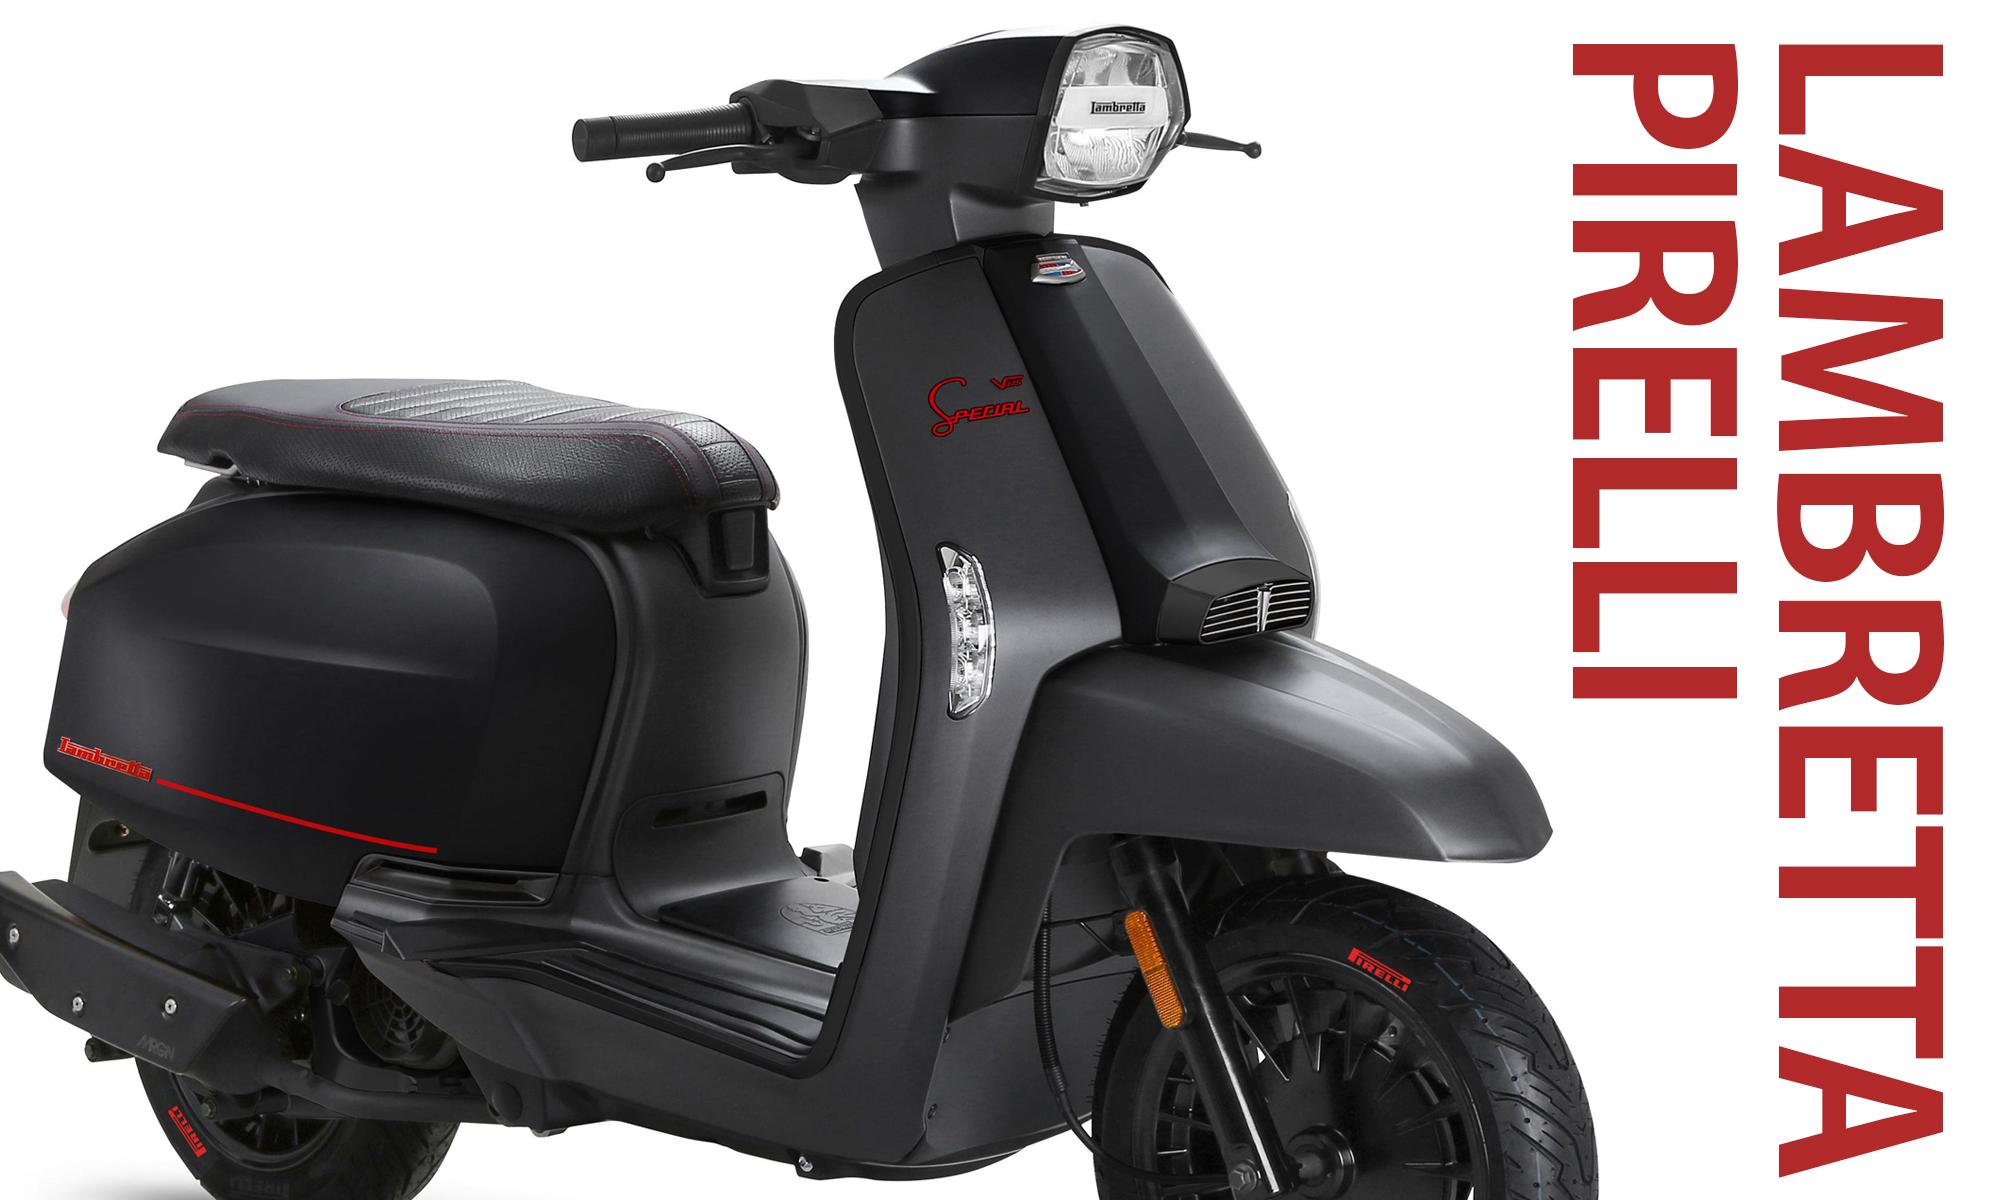 スタイリッシュなブラックボディが輝くプレミアム限定バイク LAMBRETTA -PIRELLI EDITION-